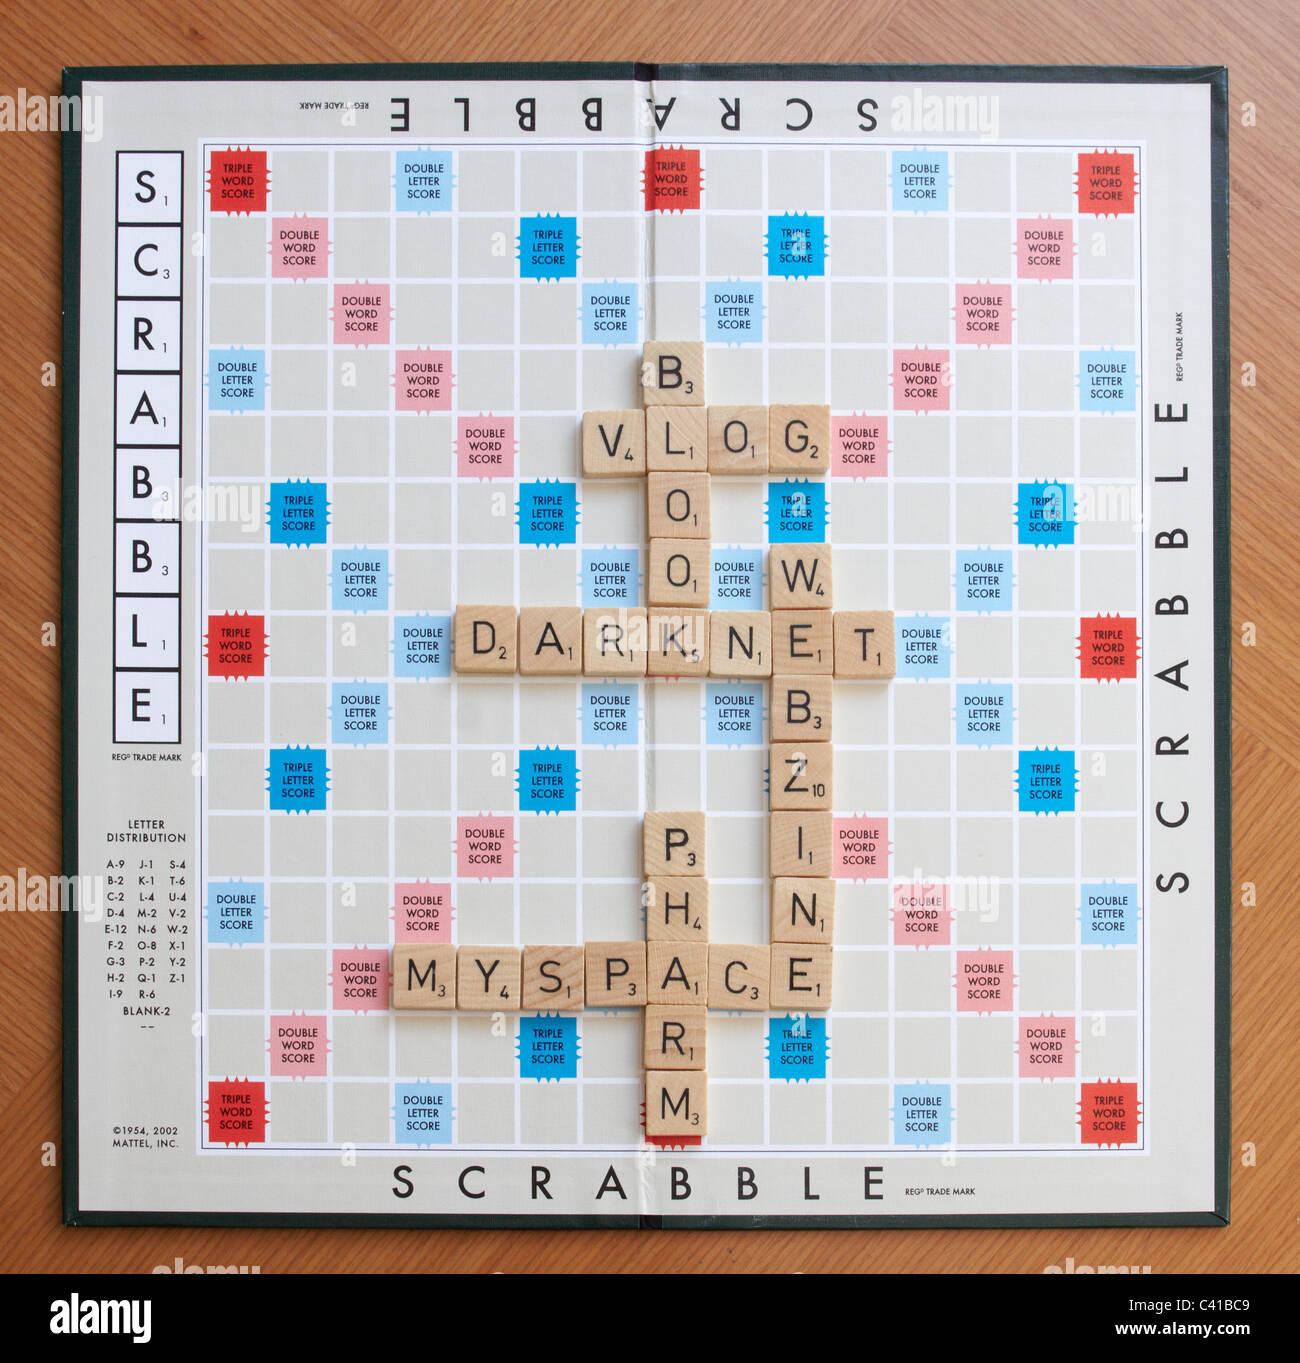 La Nueva Edición De La Collins Palabras Scrabble Oficial Agrega Casi